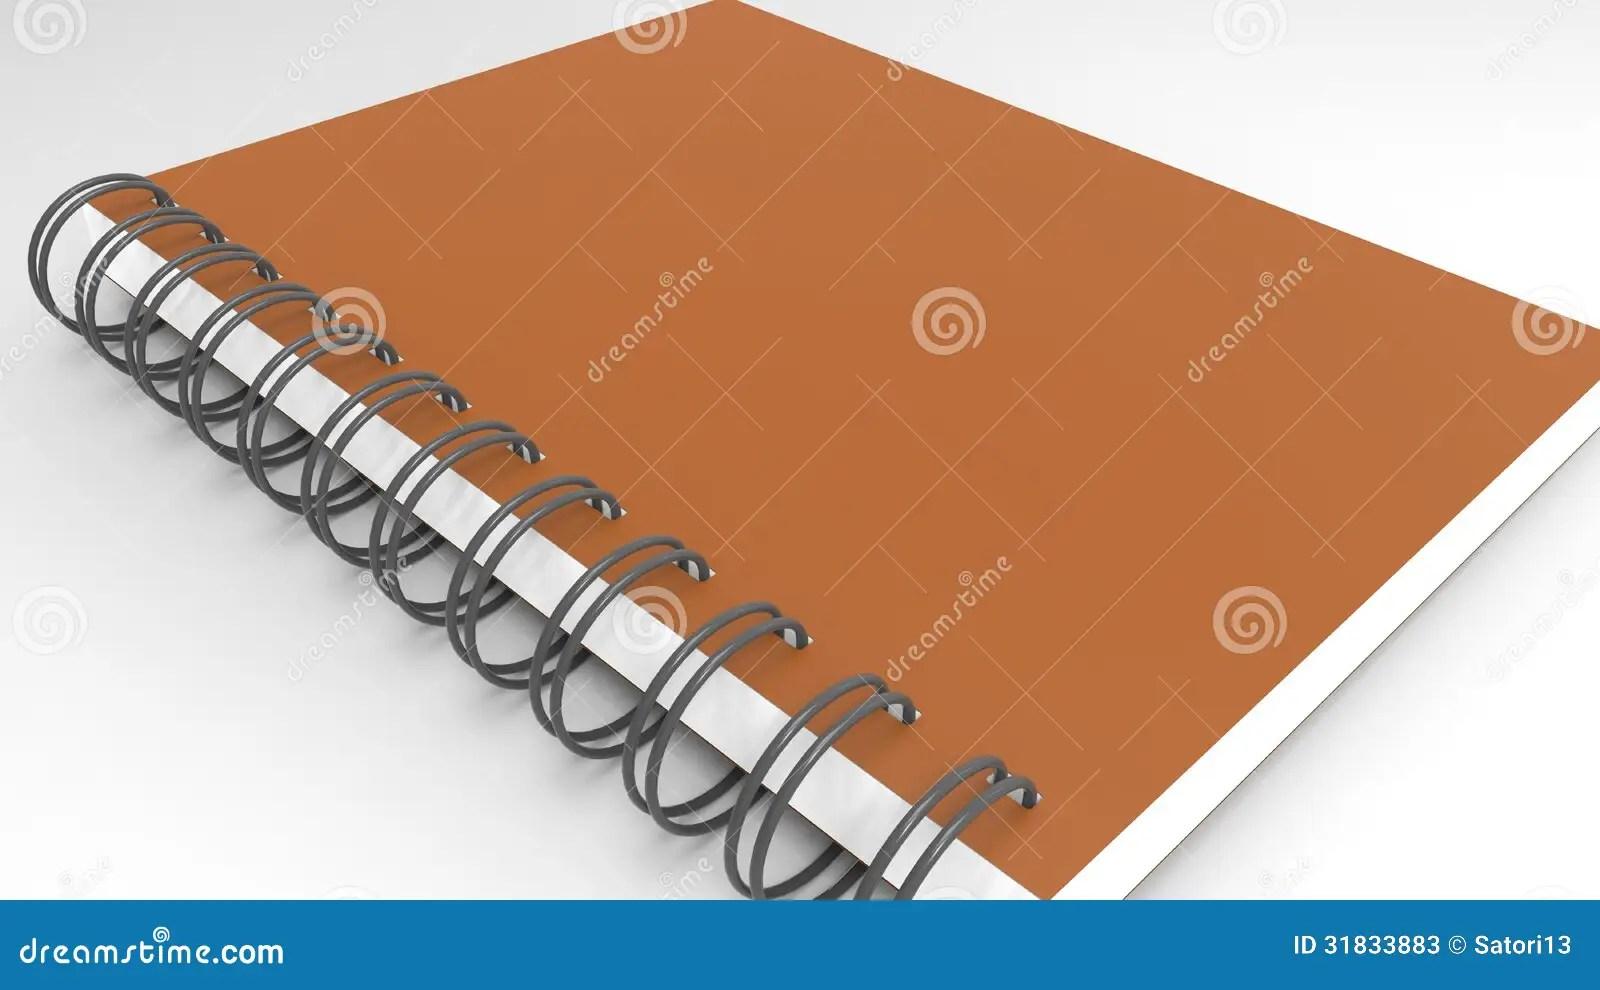 Copybook Stock Photos - Image: 31833883